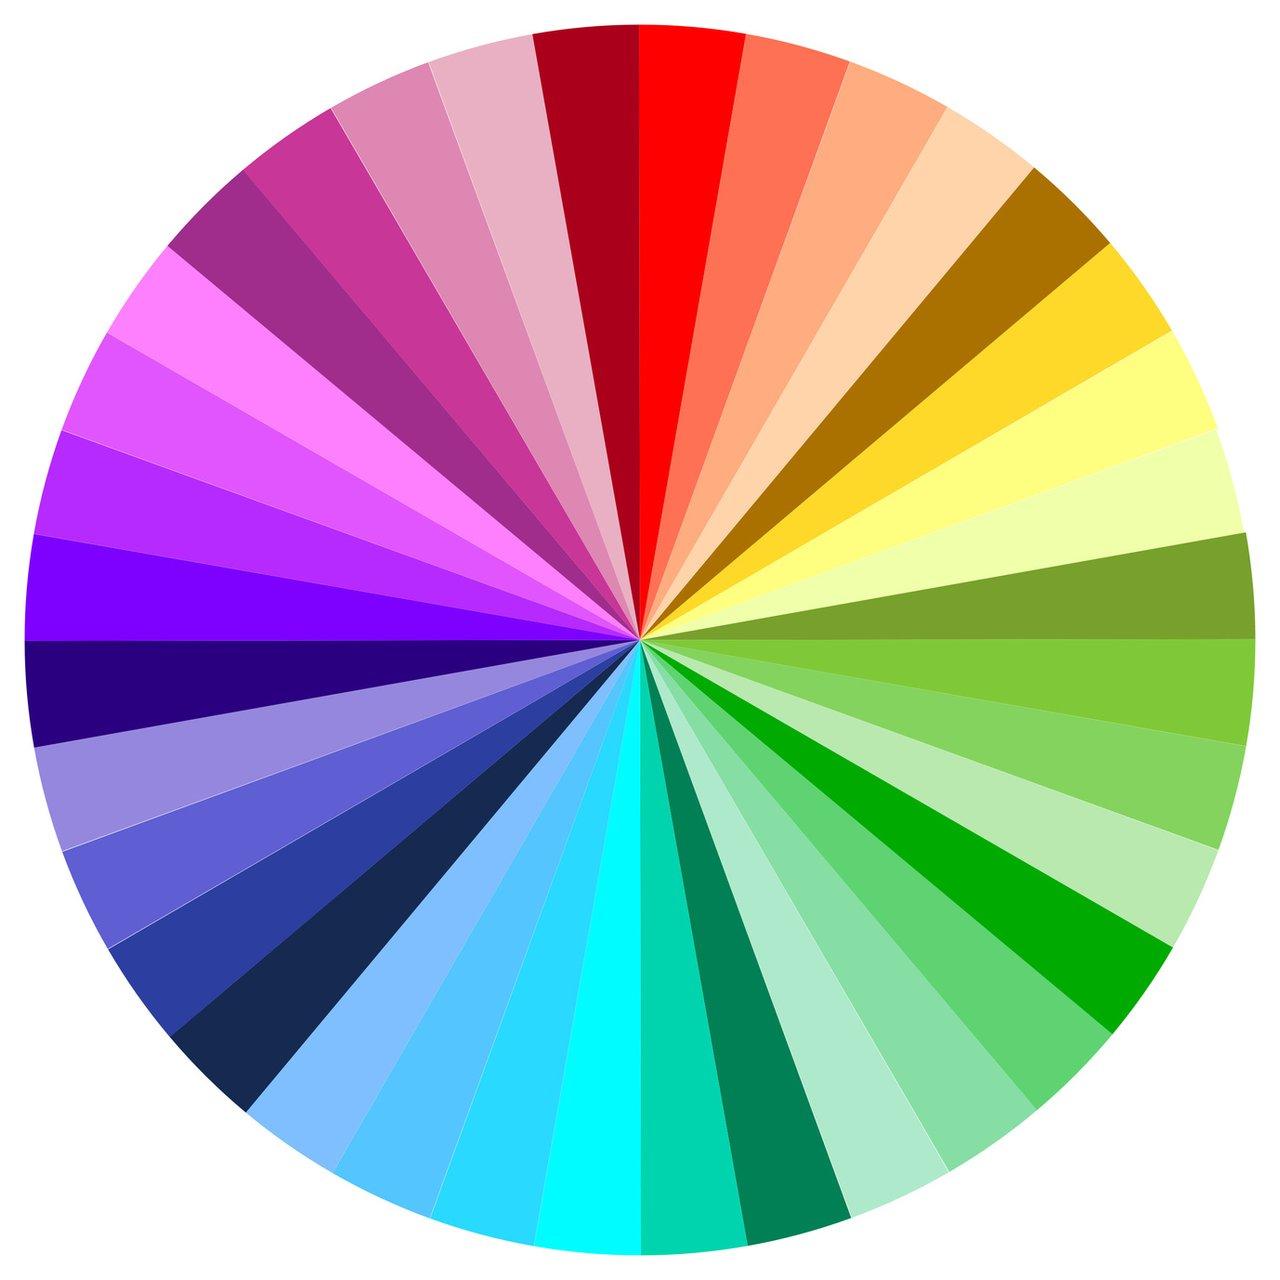 farben an der wand f r jede stimmung den richtigen ton oliver falk maler und lackiermeister. Black Bedroom Furniture Sets. Home Design Ideas